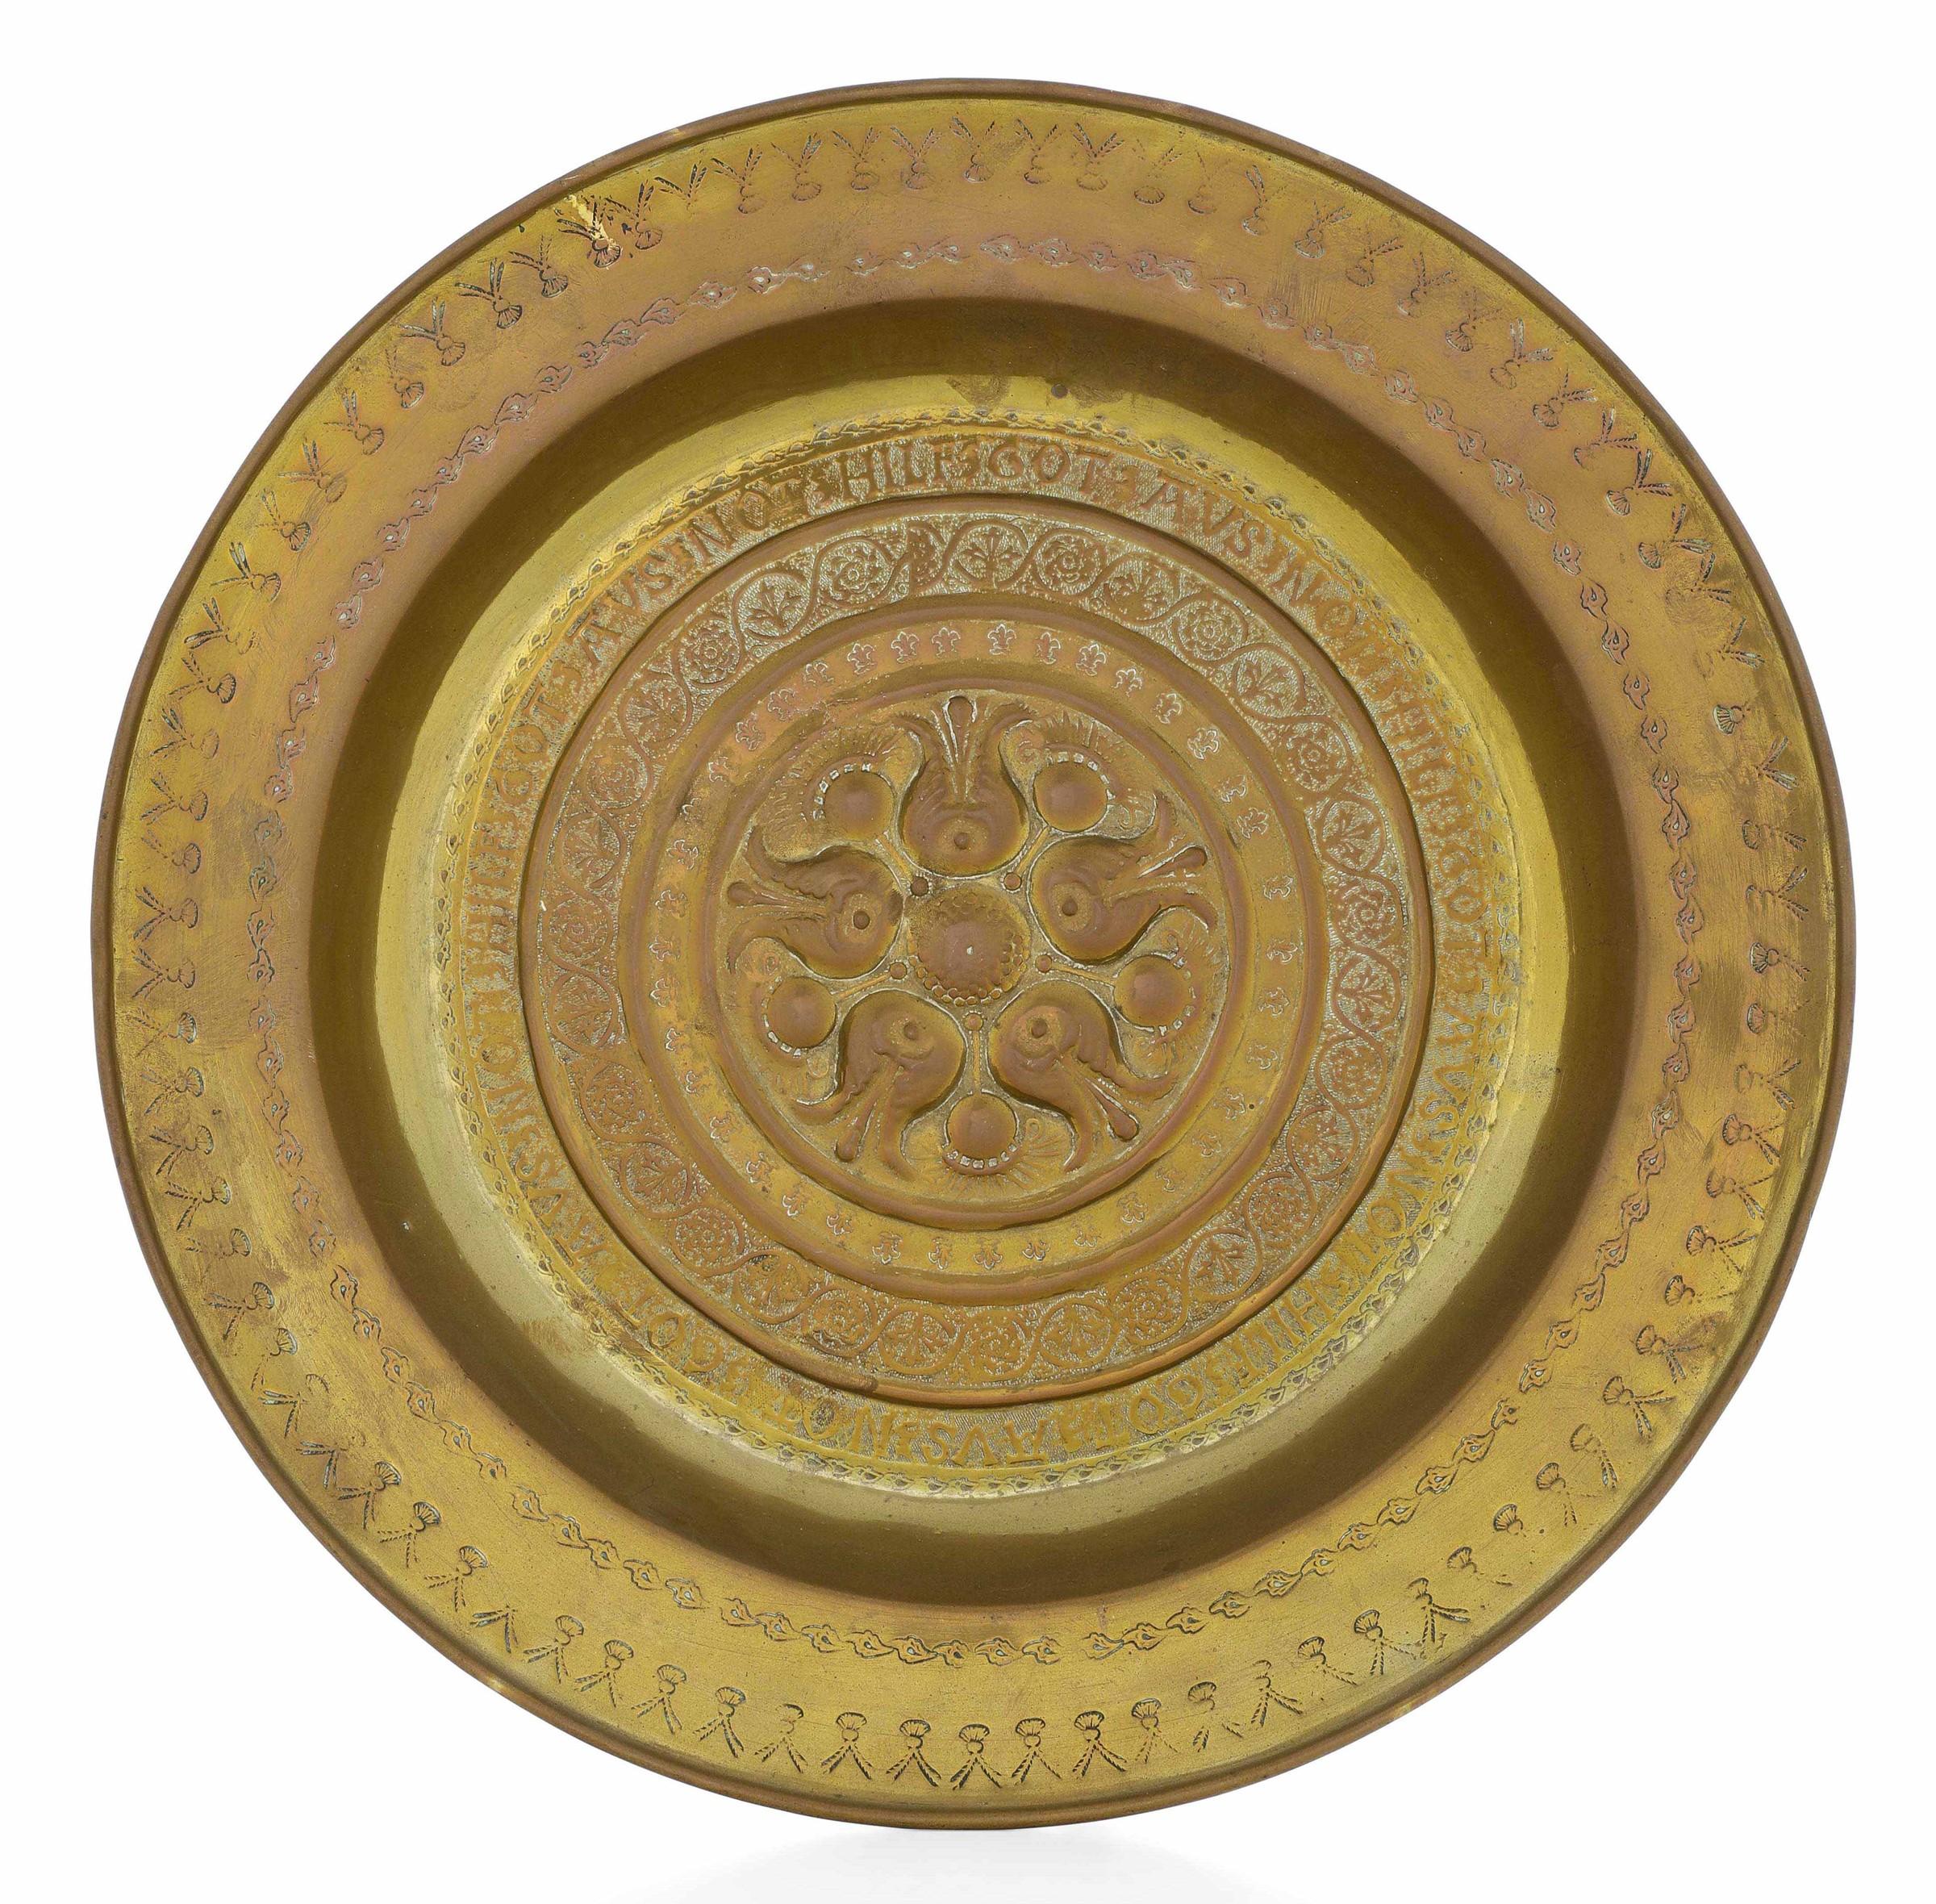 A brass plate, Germany, 1500s - diametro cm 42,5. Cavetto con raffigurazione a [...]